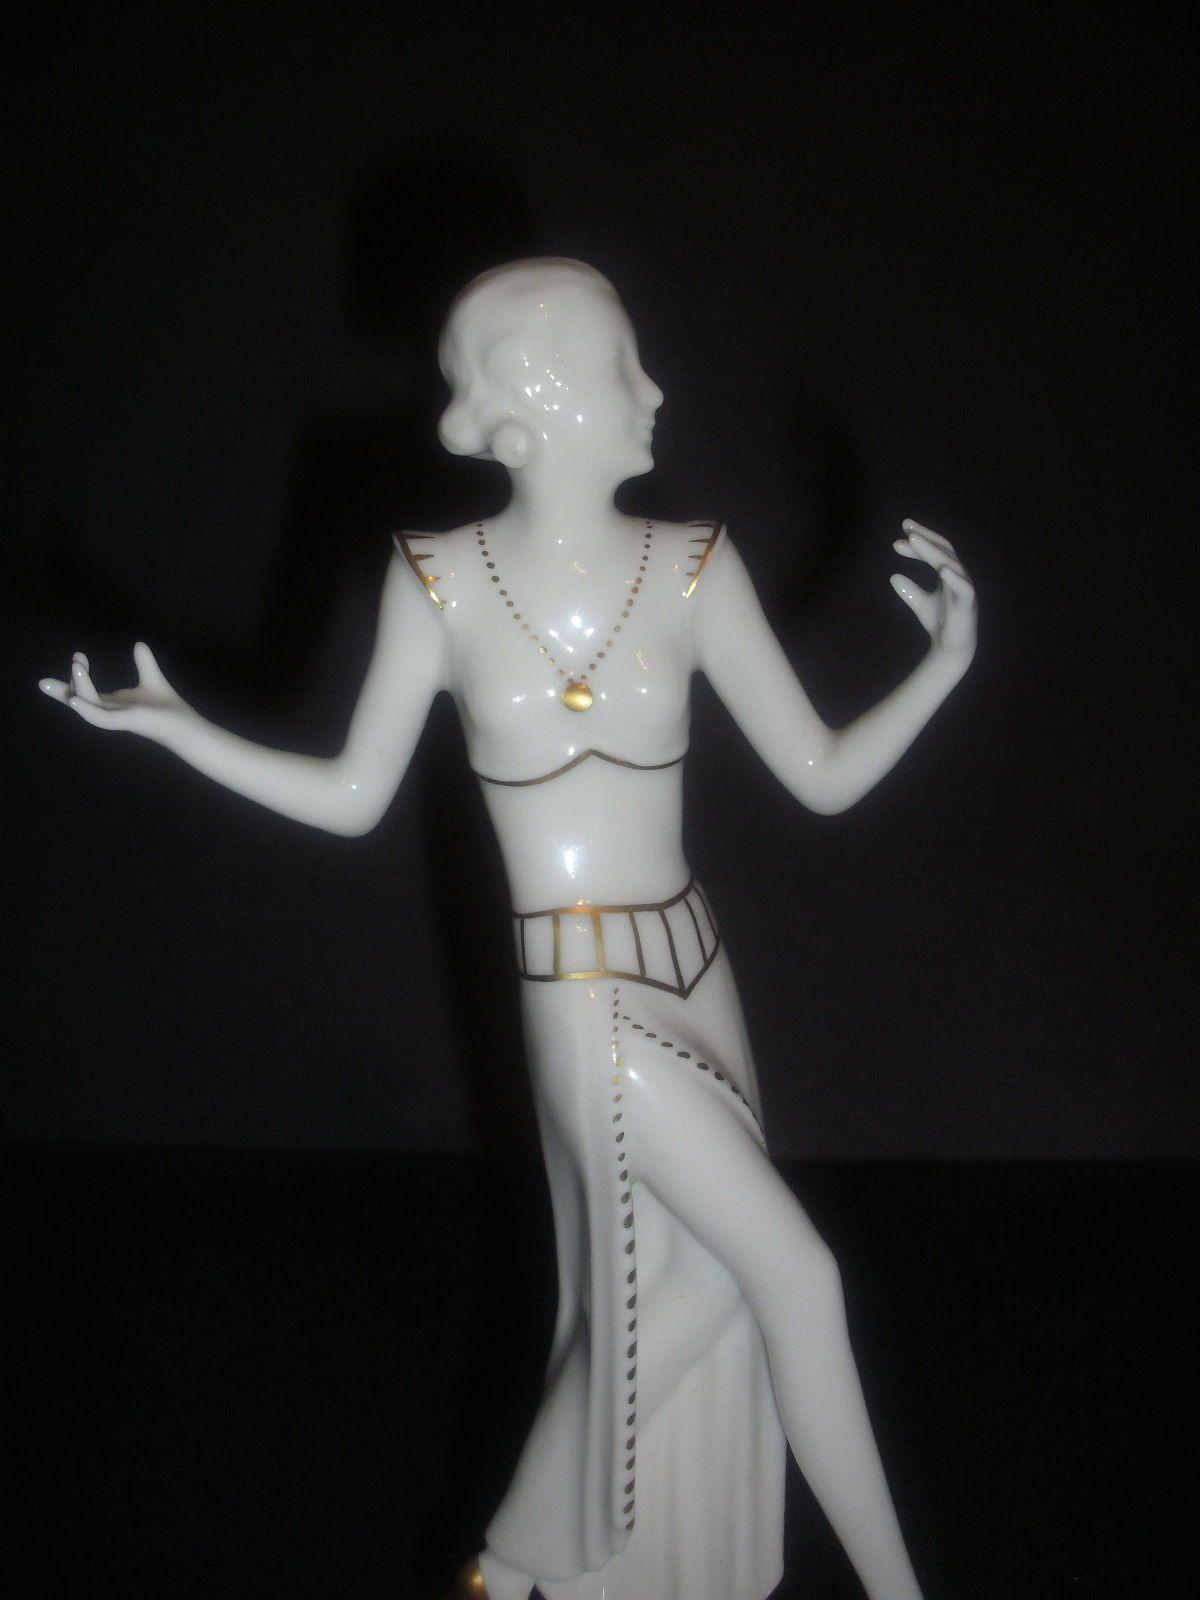 Hutschenreuther Art Deco Style Nude Figurine by C. Werner